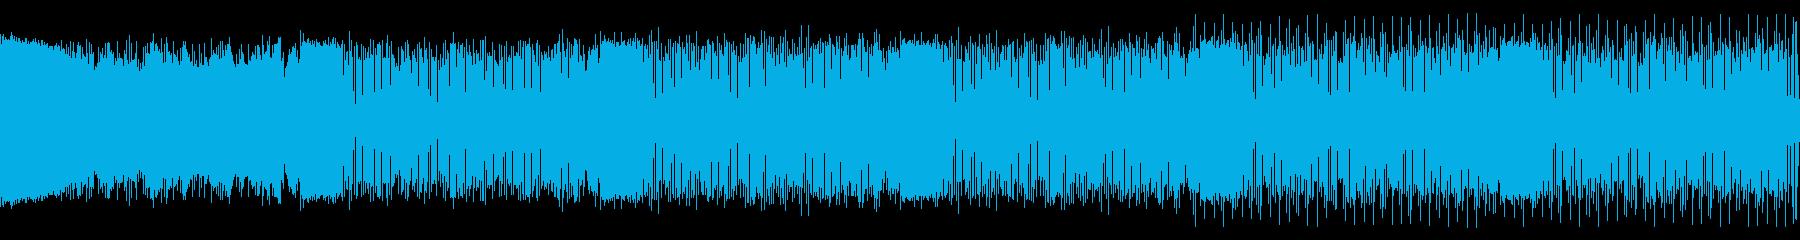 ループ仕様・疾走感あるアンビエントDnBの再生済みの波形